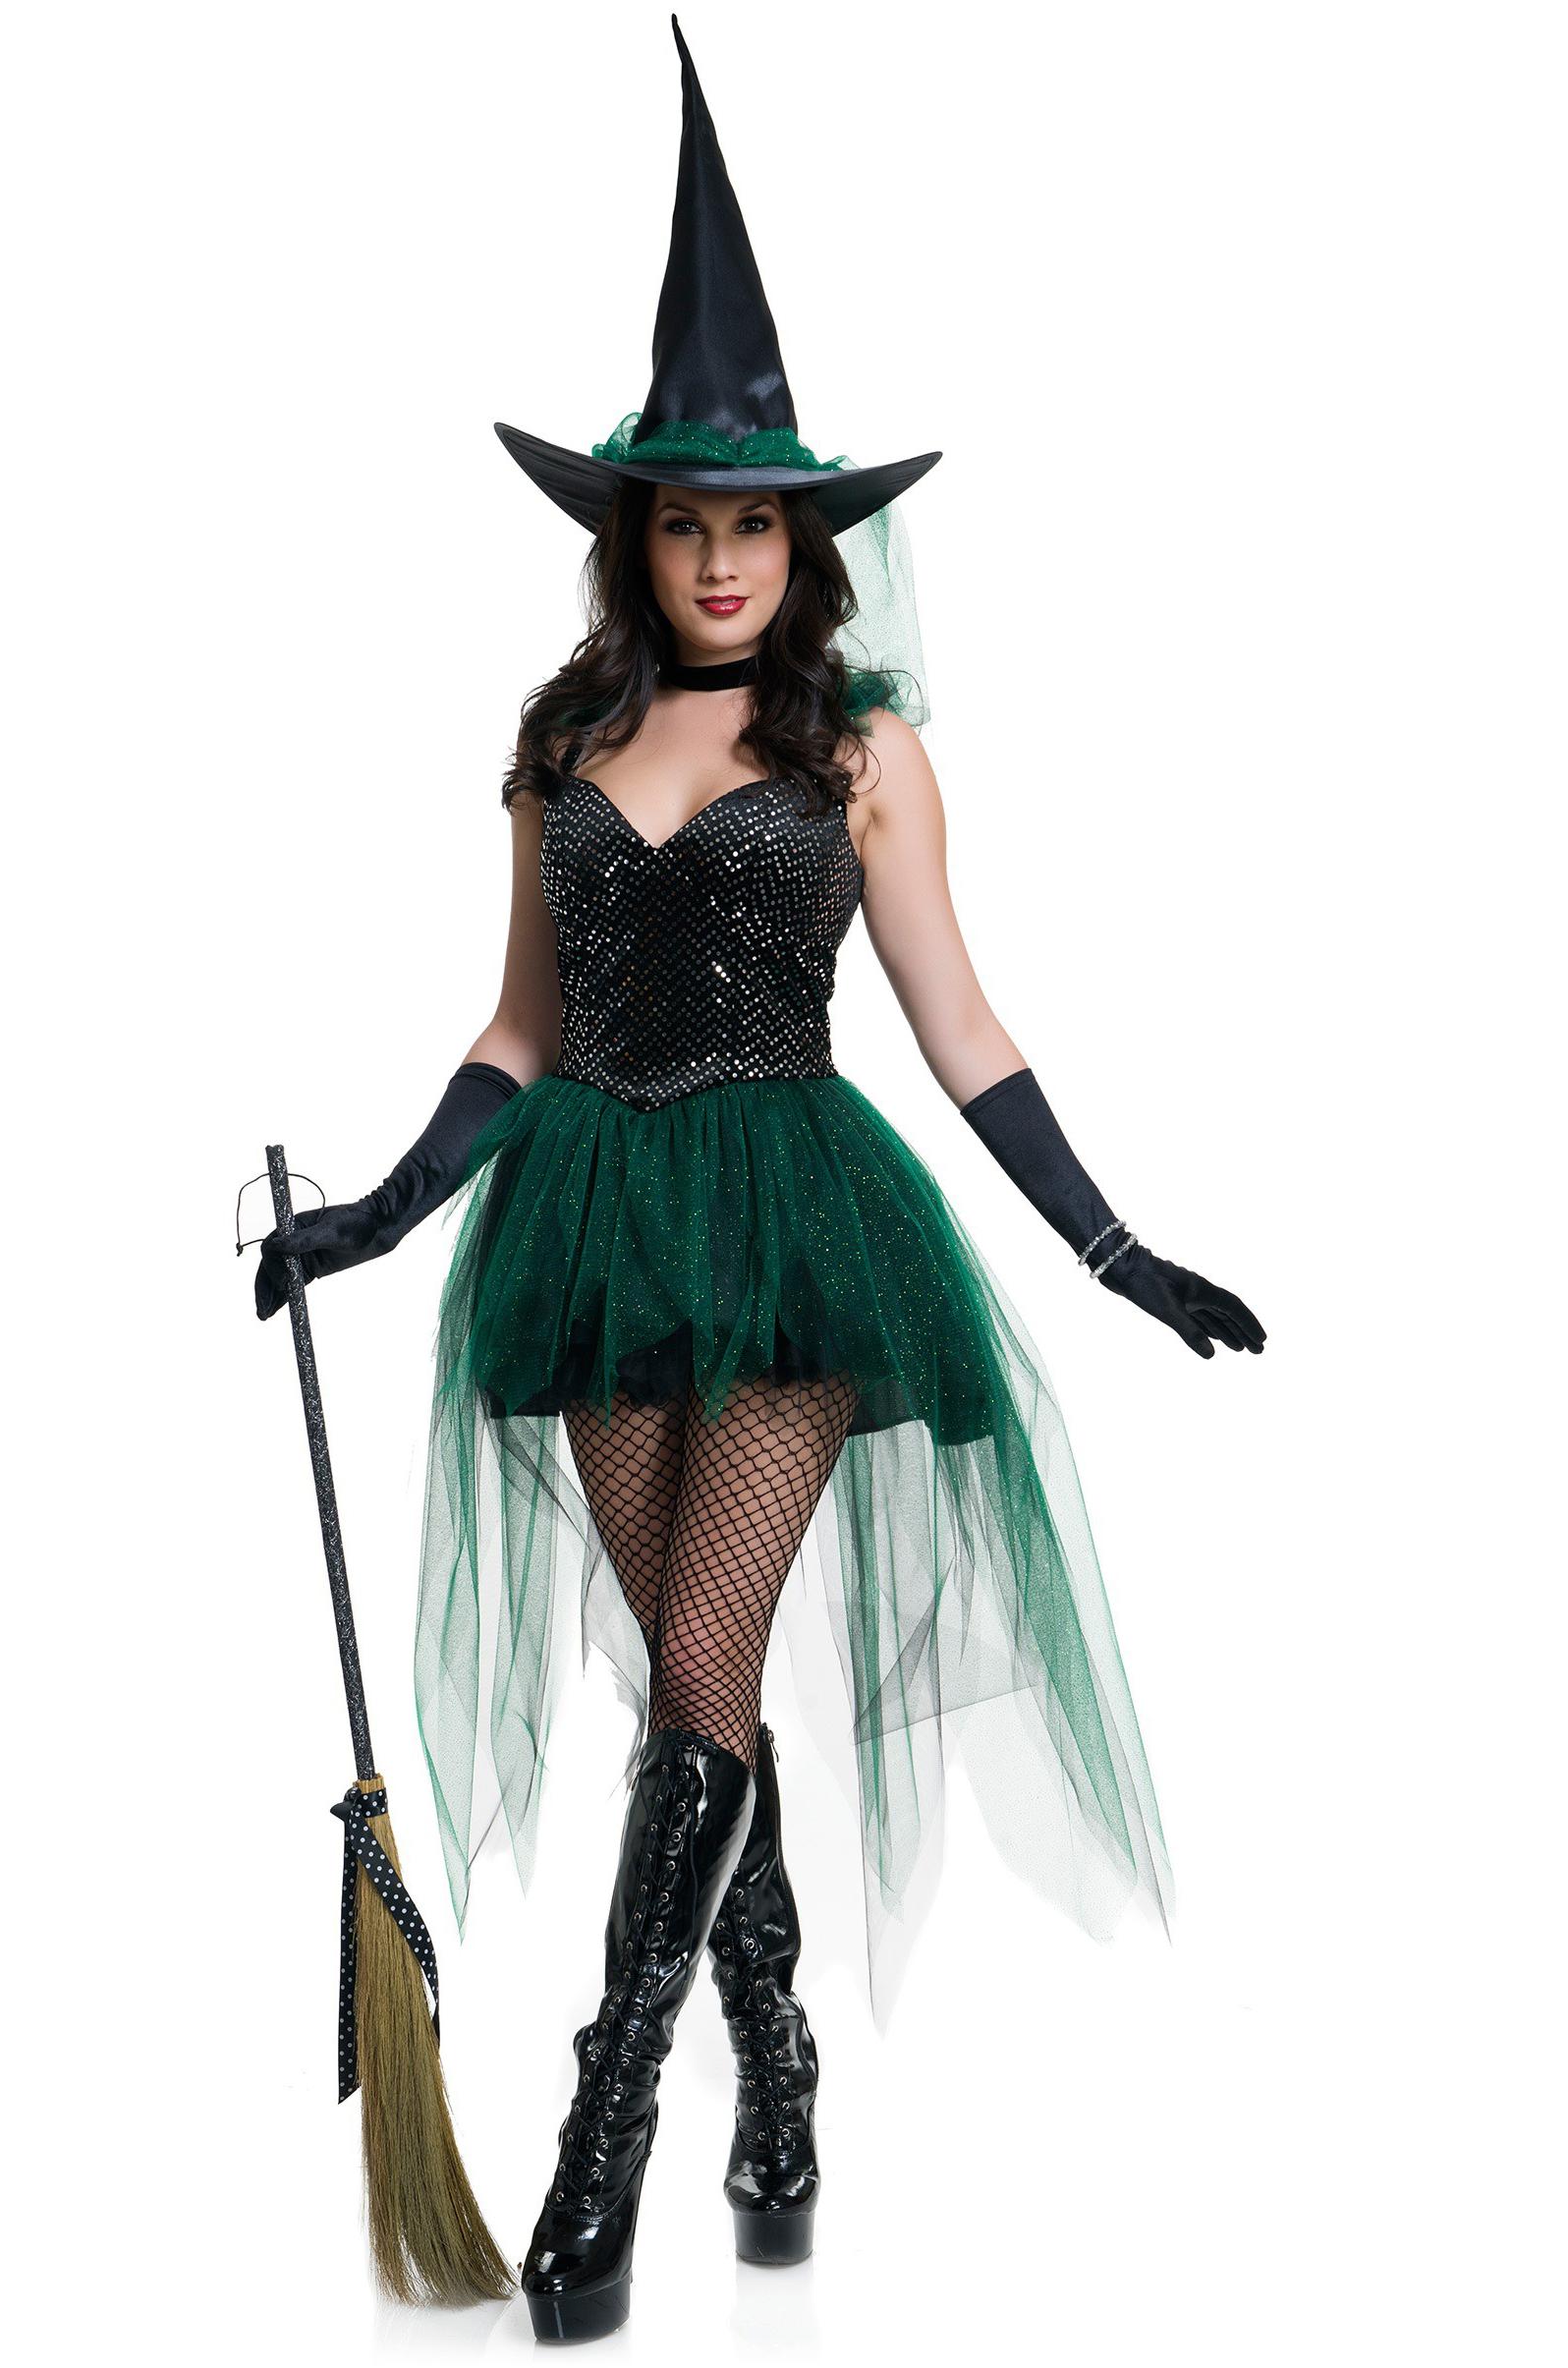 костюмы на хэллоуин в прокат спб - 3